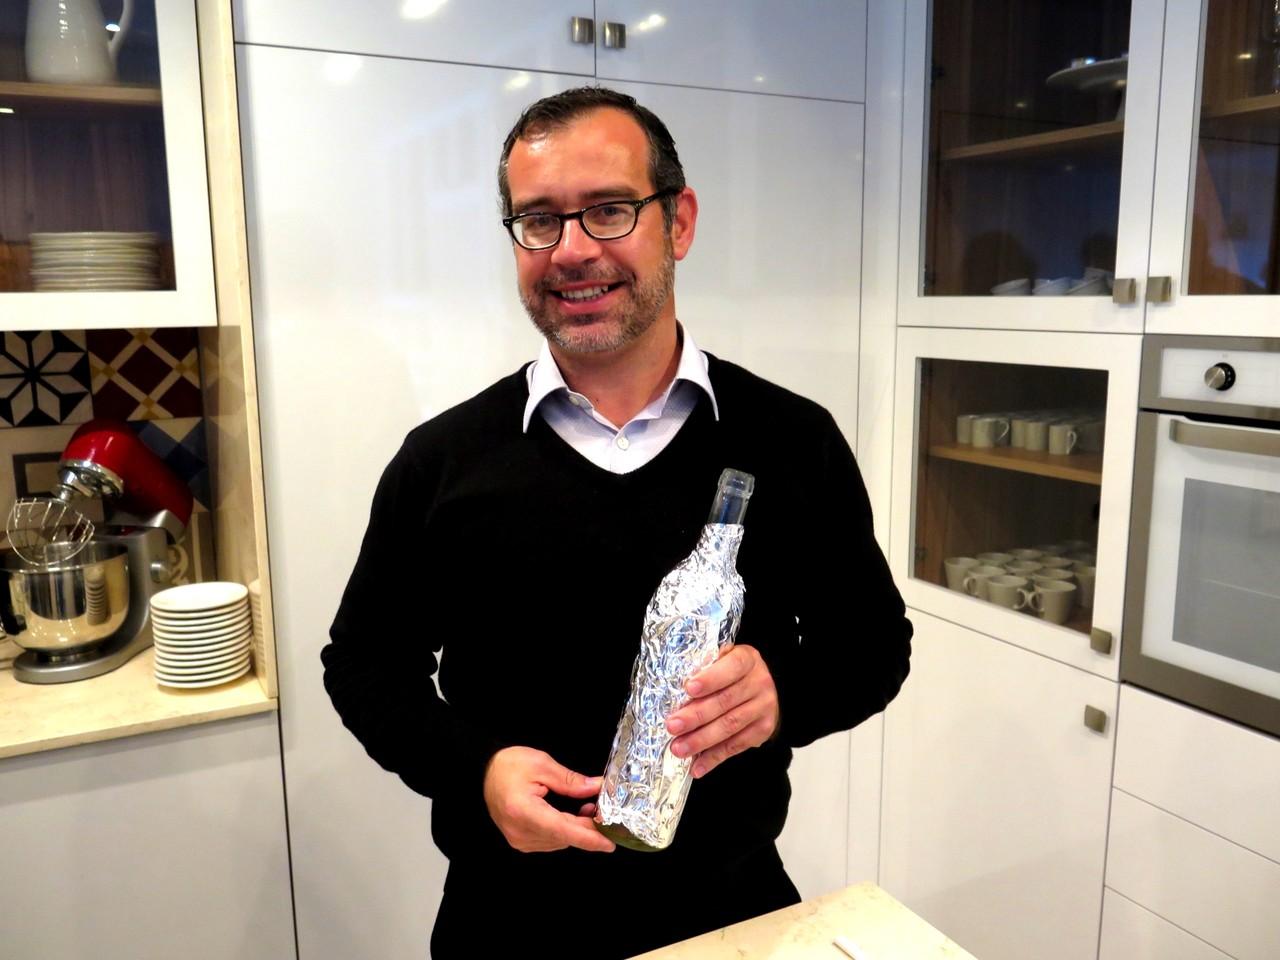 Manuel Moreira e a prova cega de um vinho branco